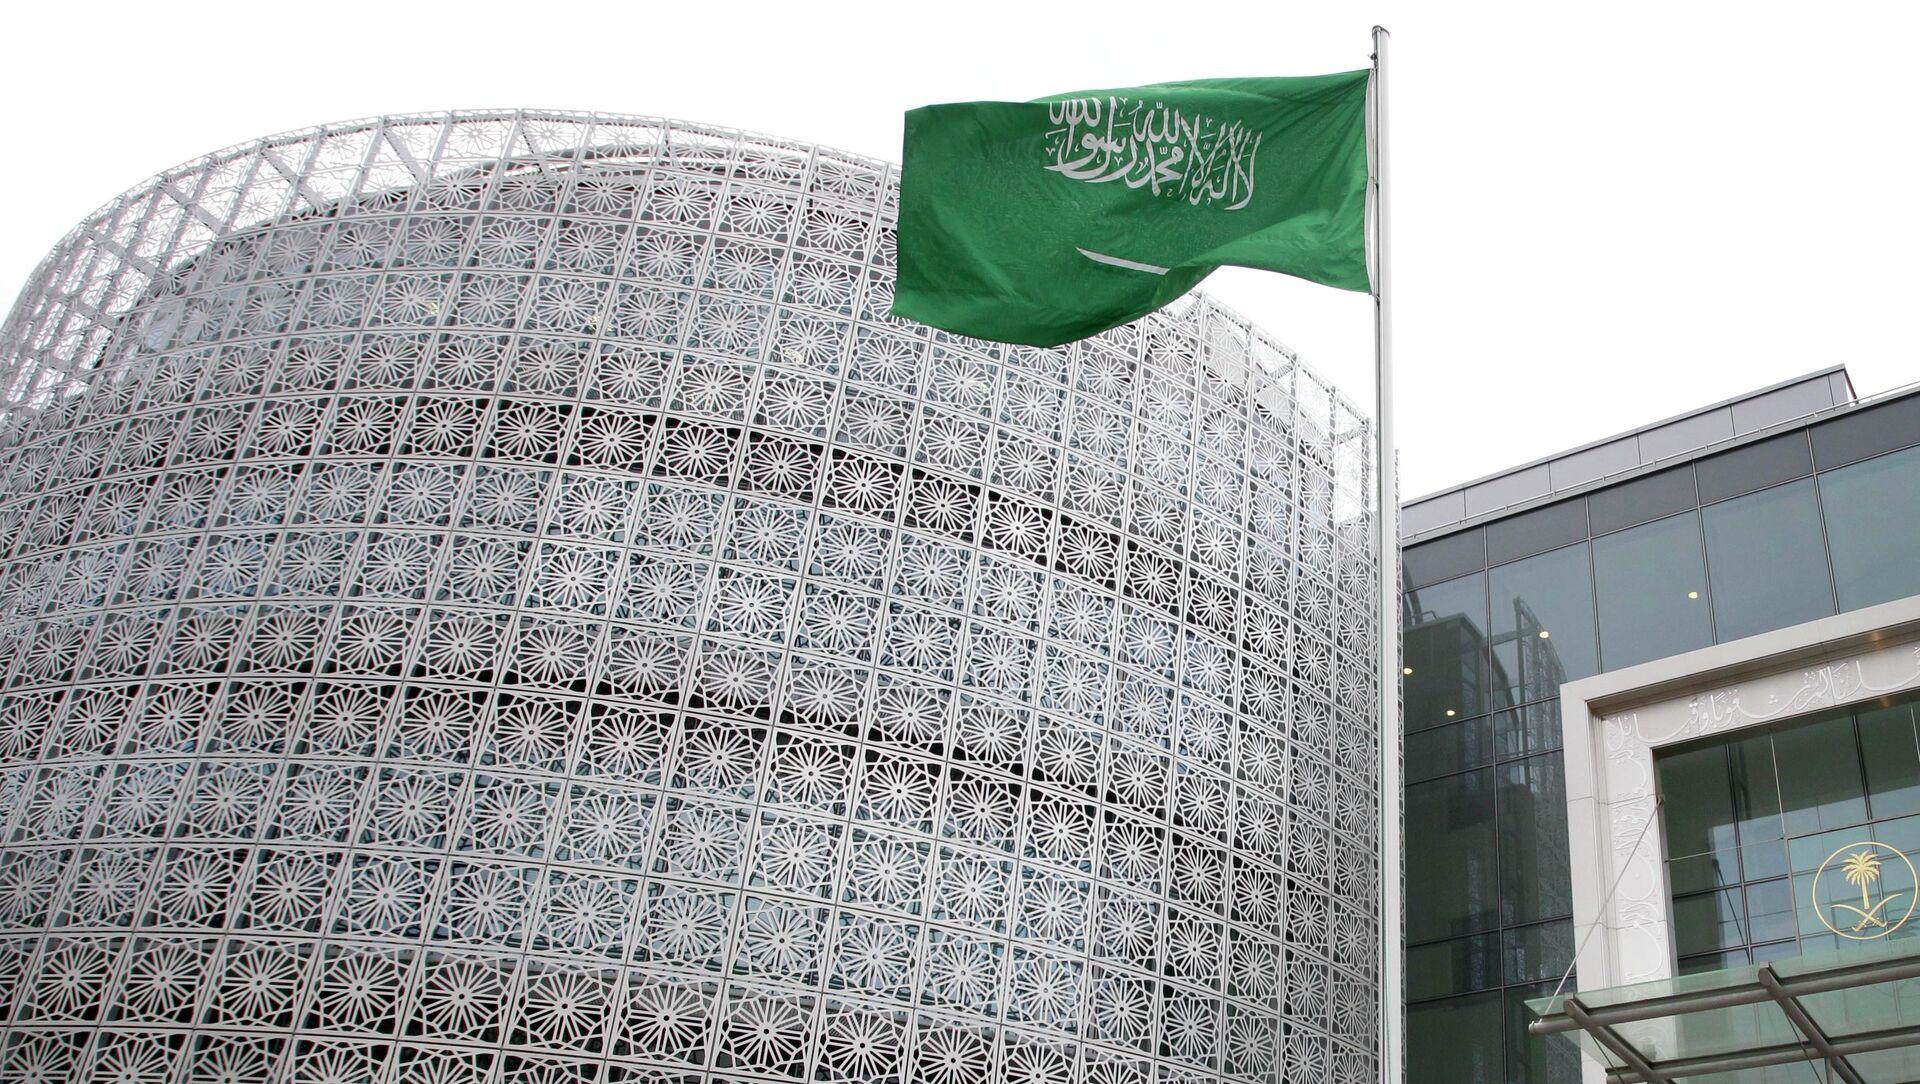 La bandiera dell'Arabia Saudita - Sputnik Italia, 1920, 13.02.2021